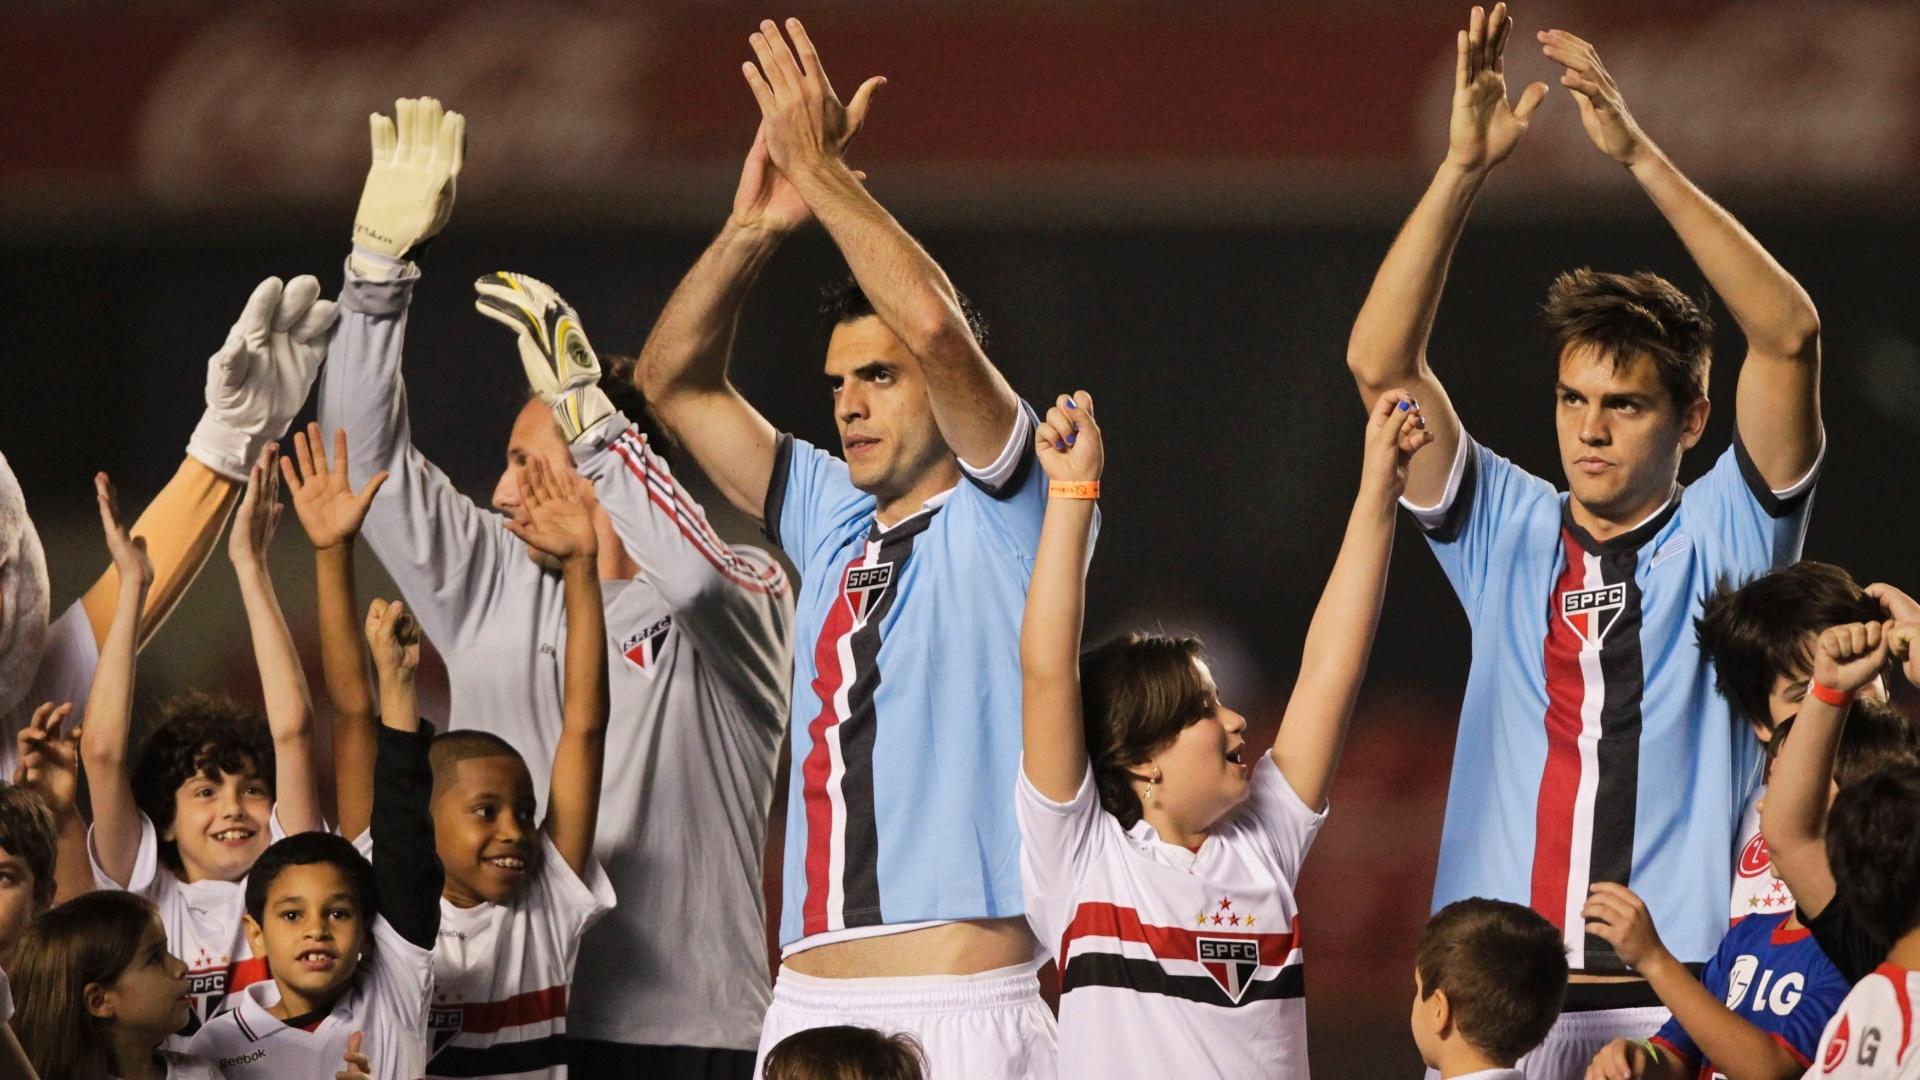 Jogadores do São Paulo entram em campo no Morumbi com camisas comemorativas em homenagem a ídolos uruguaios